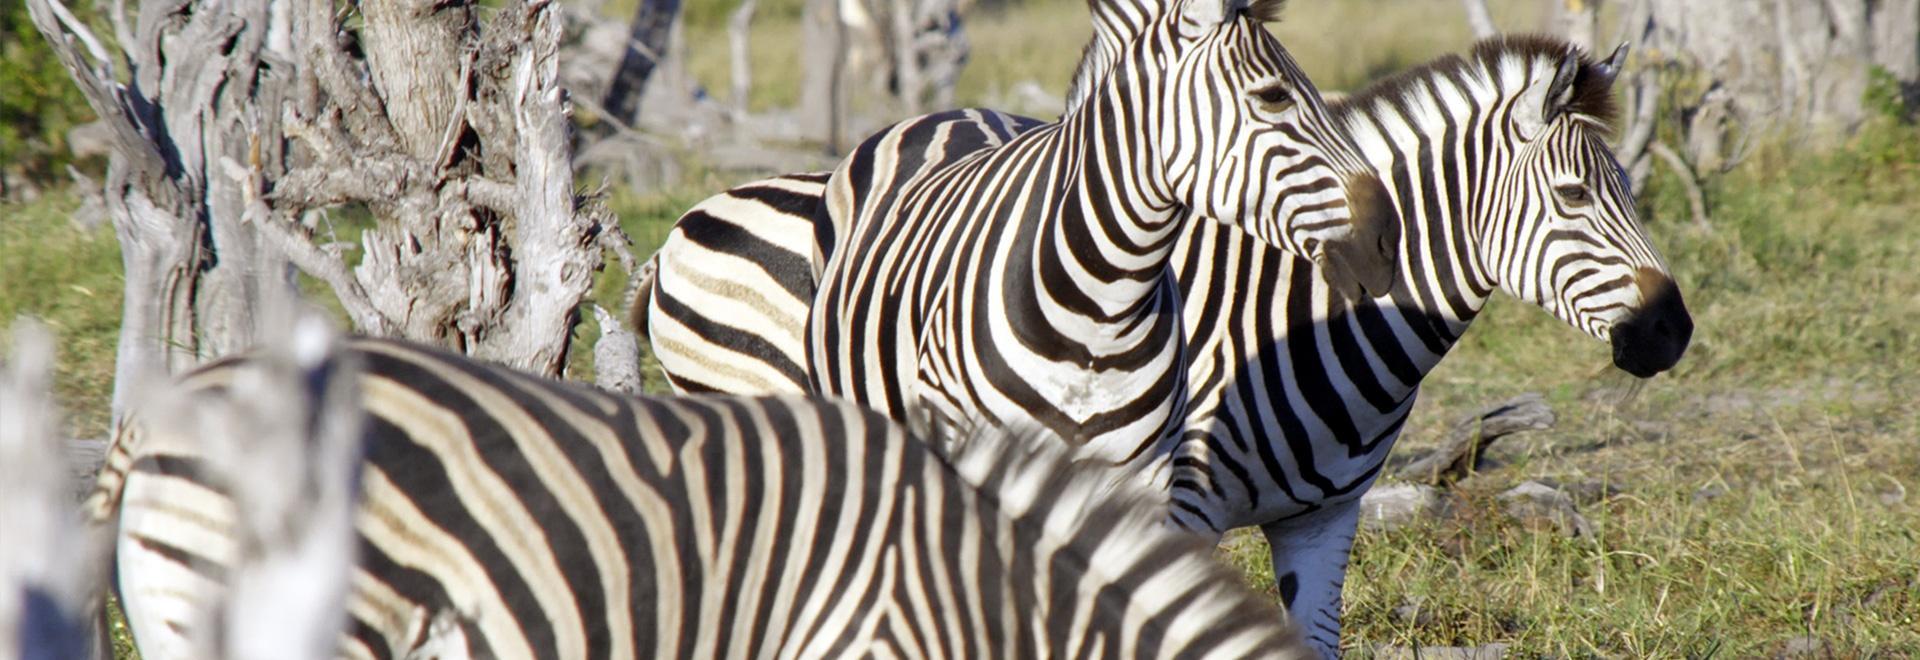 Swaziland selvaggio